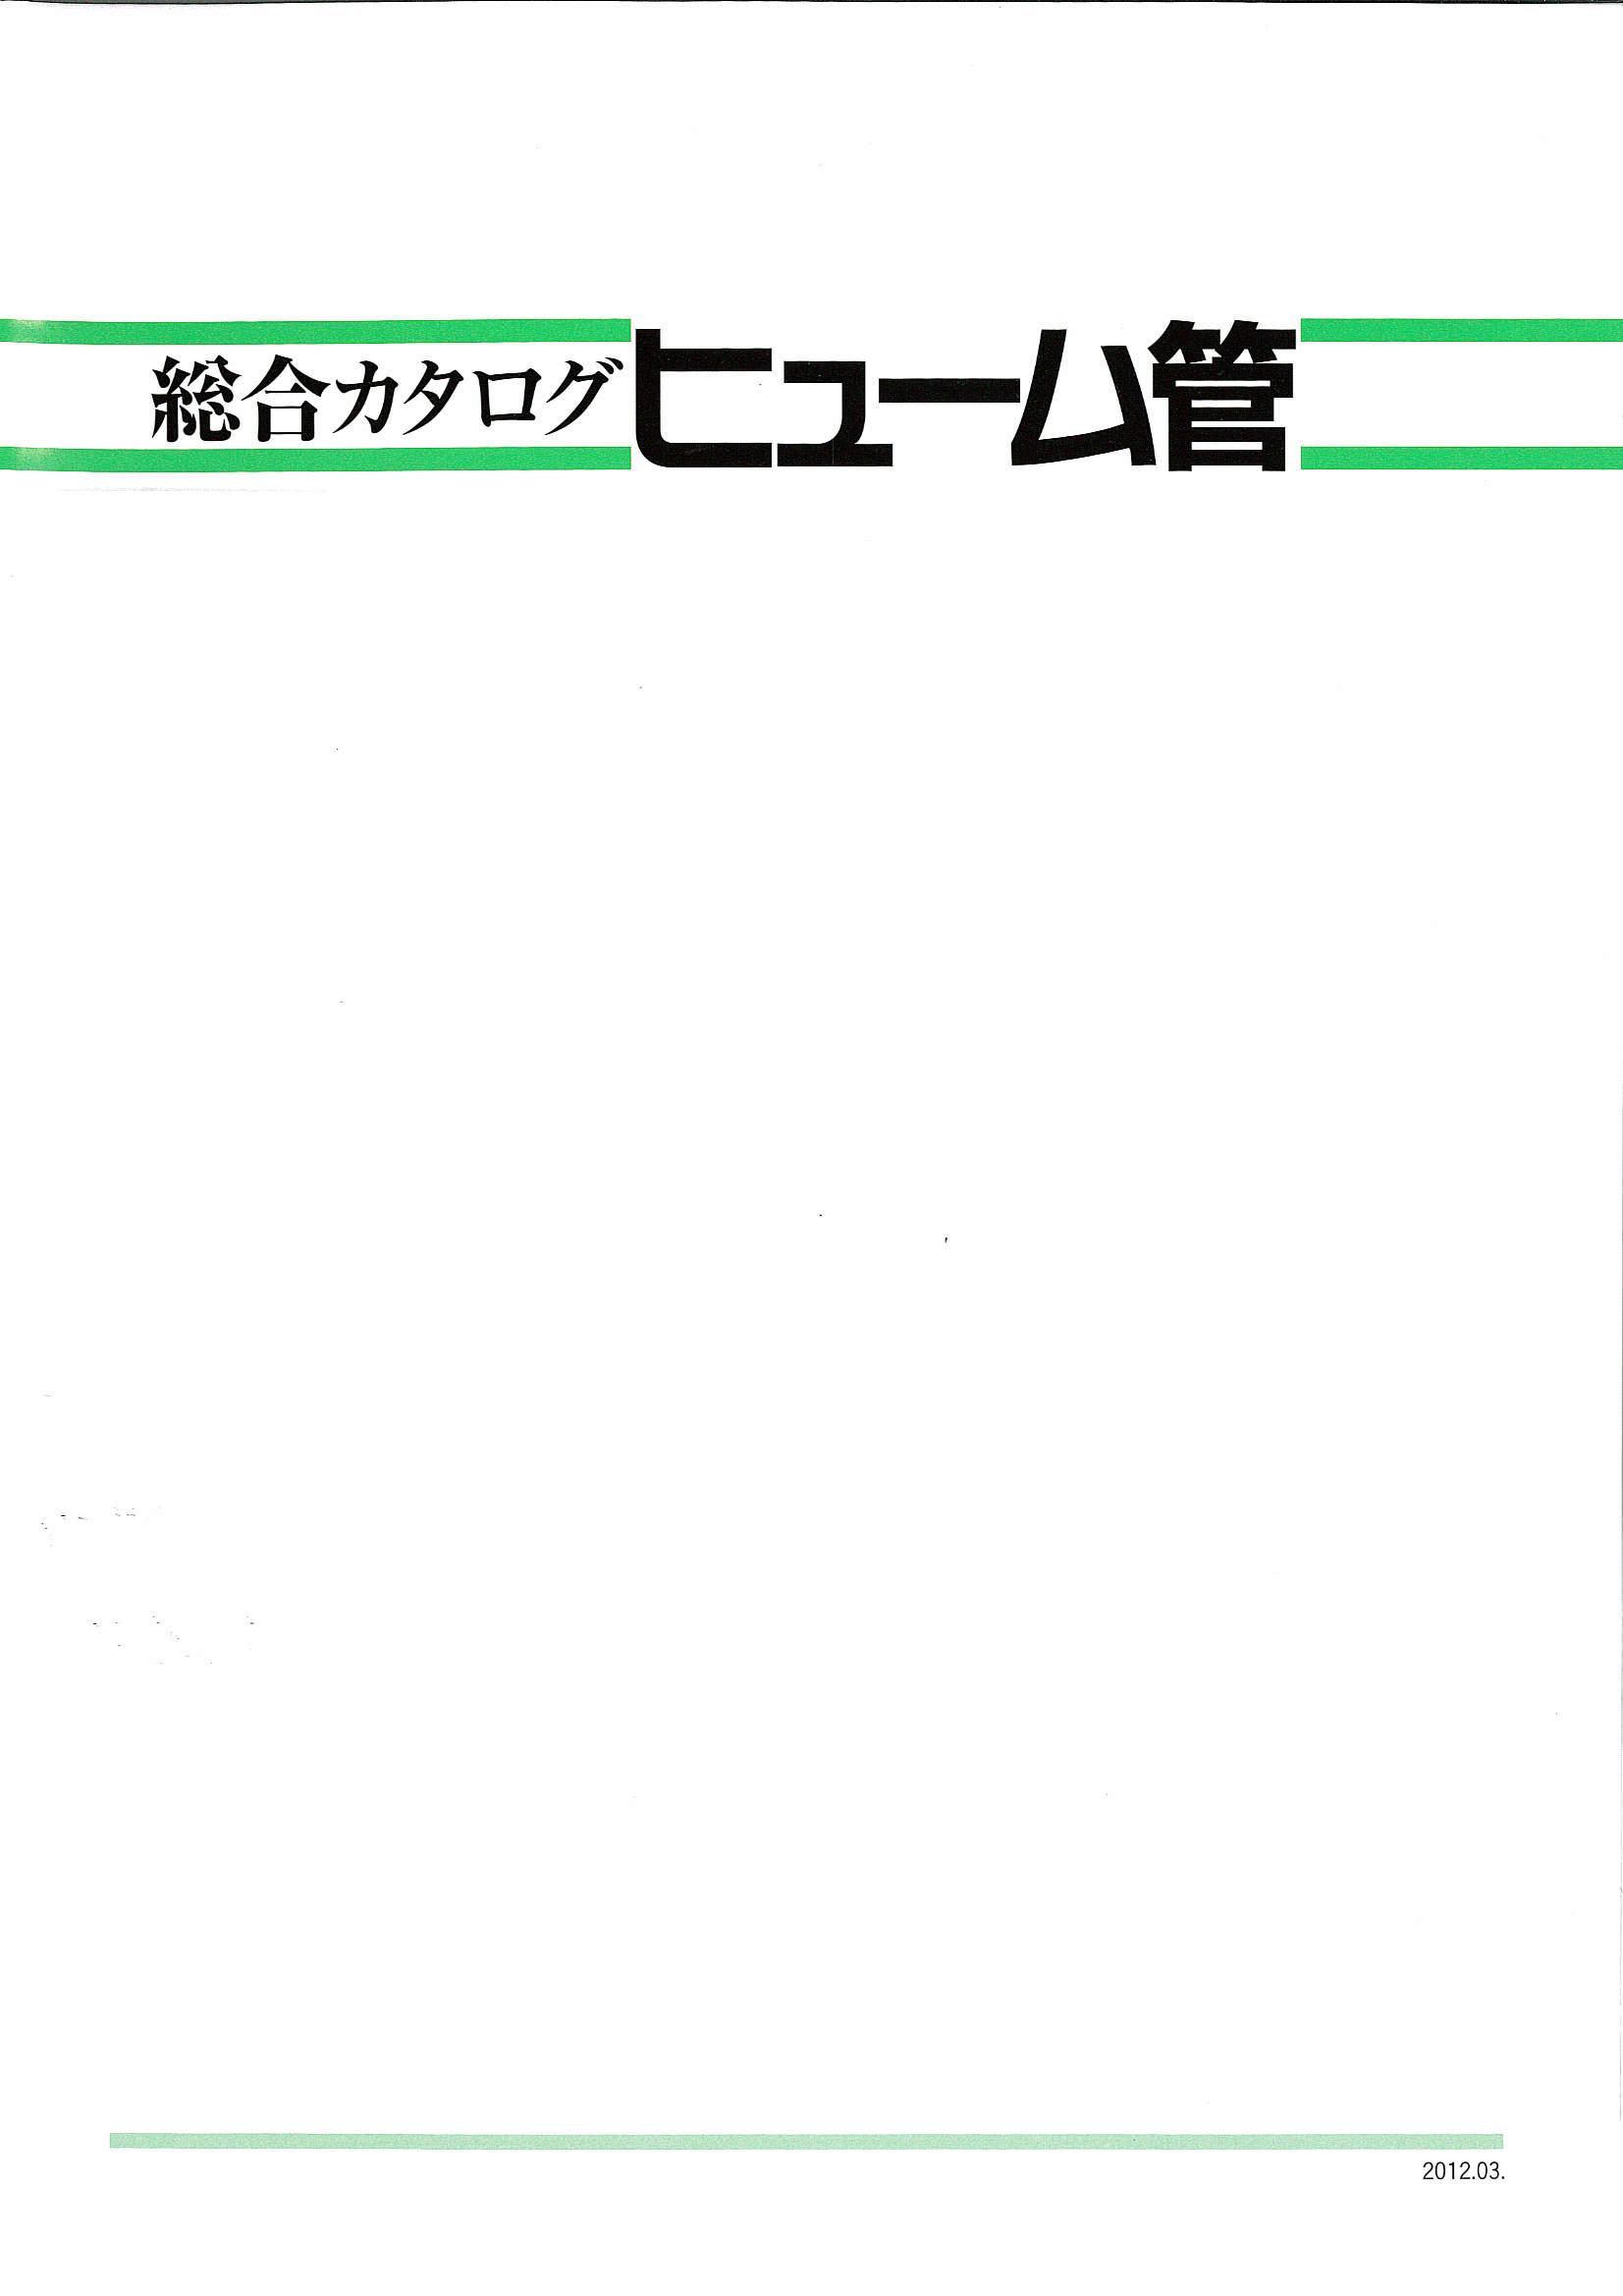 ヒューム管(遠心力鉄筋コンクリート管)